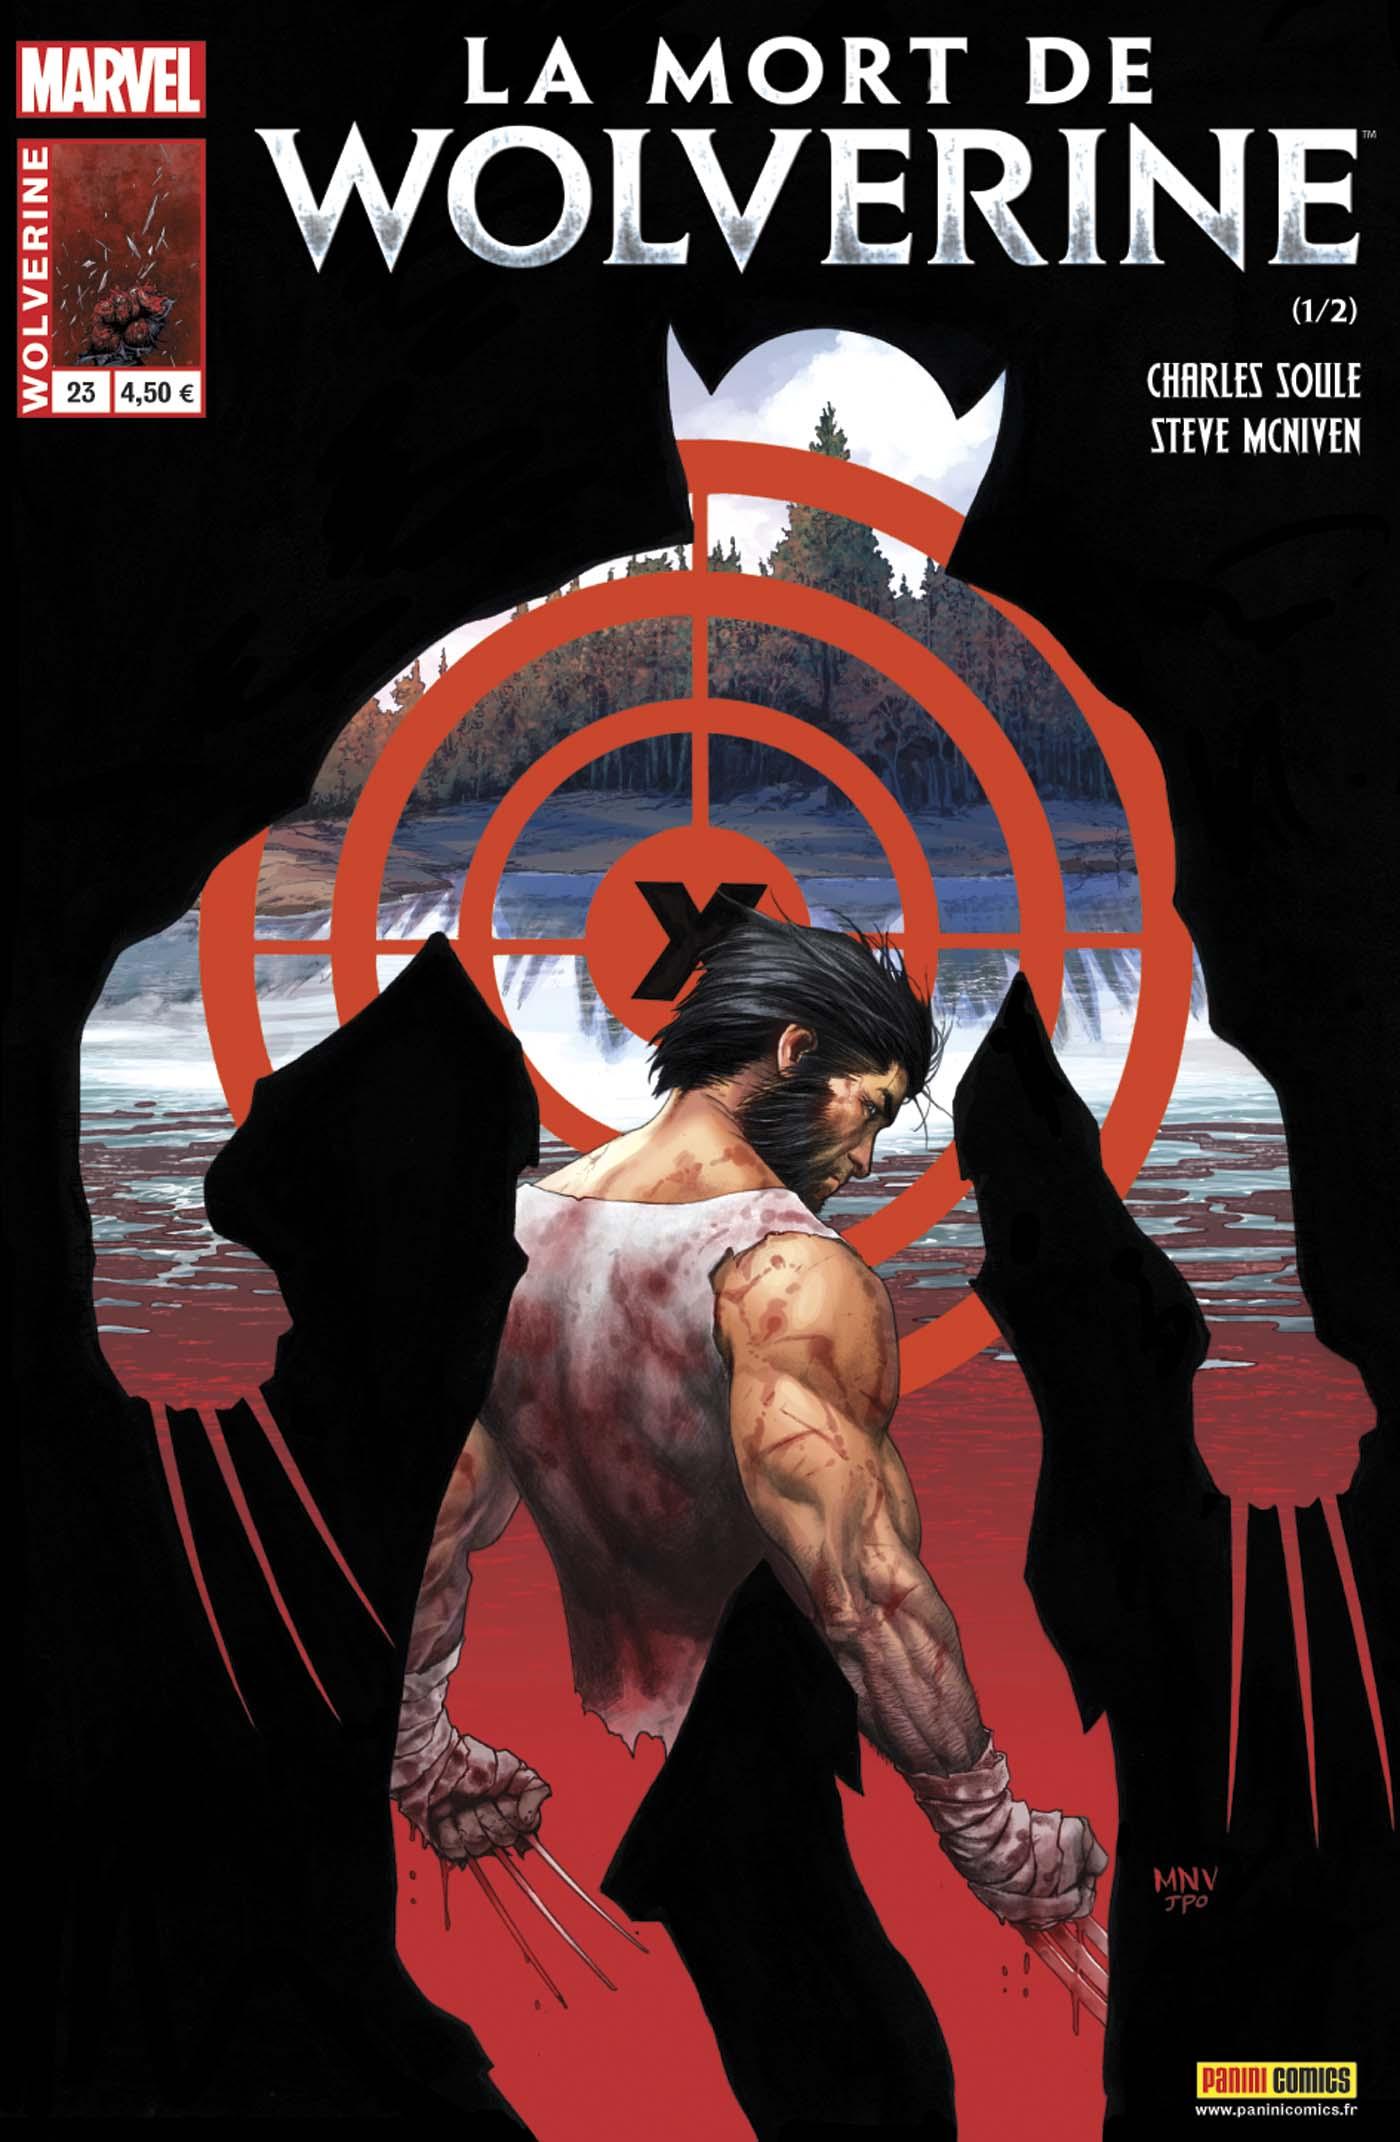 Wolverine 23 - La mort de Wolverine (1/2)